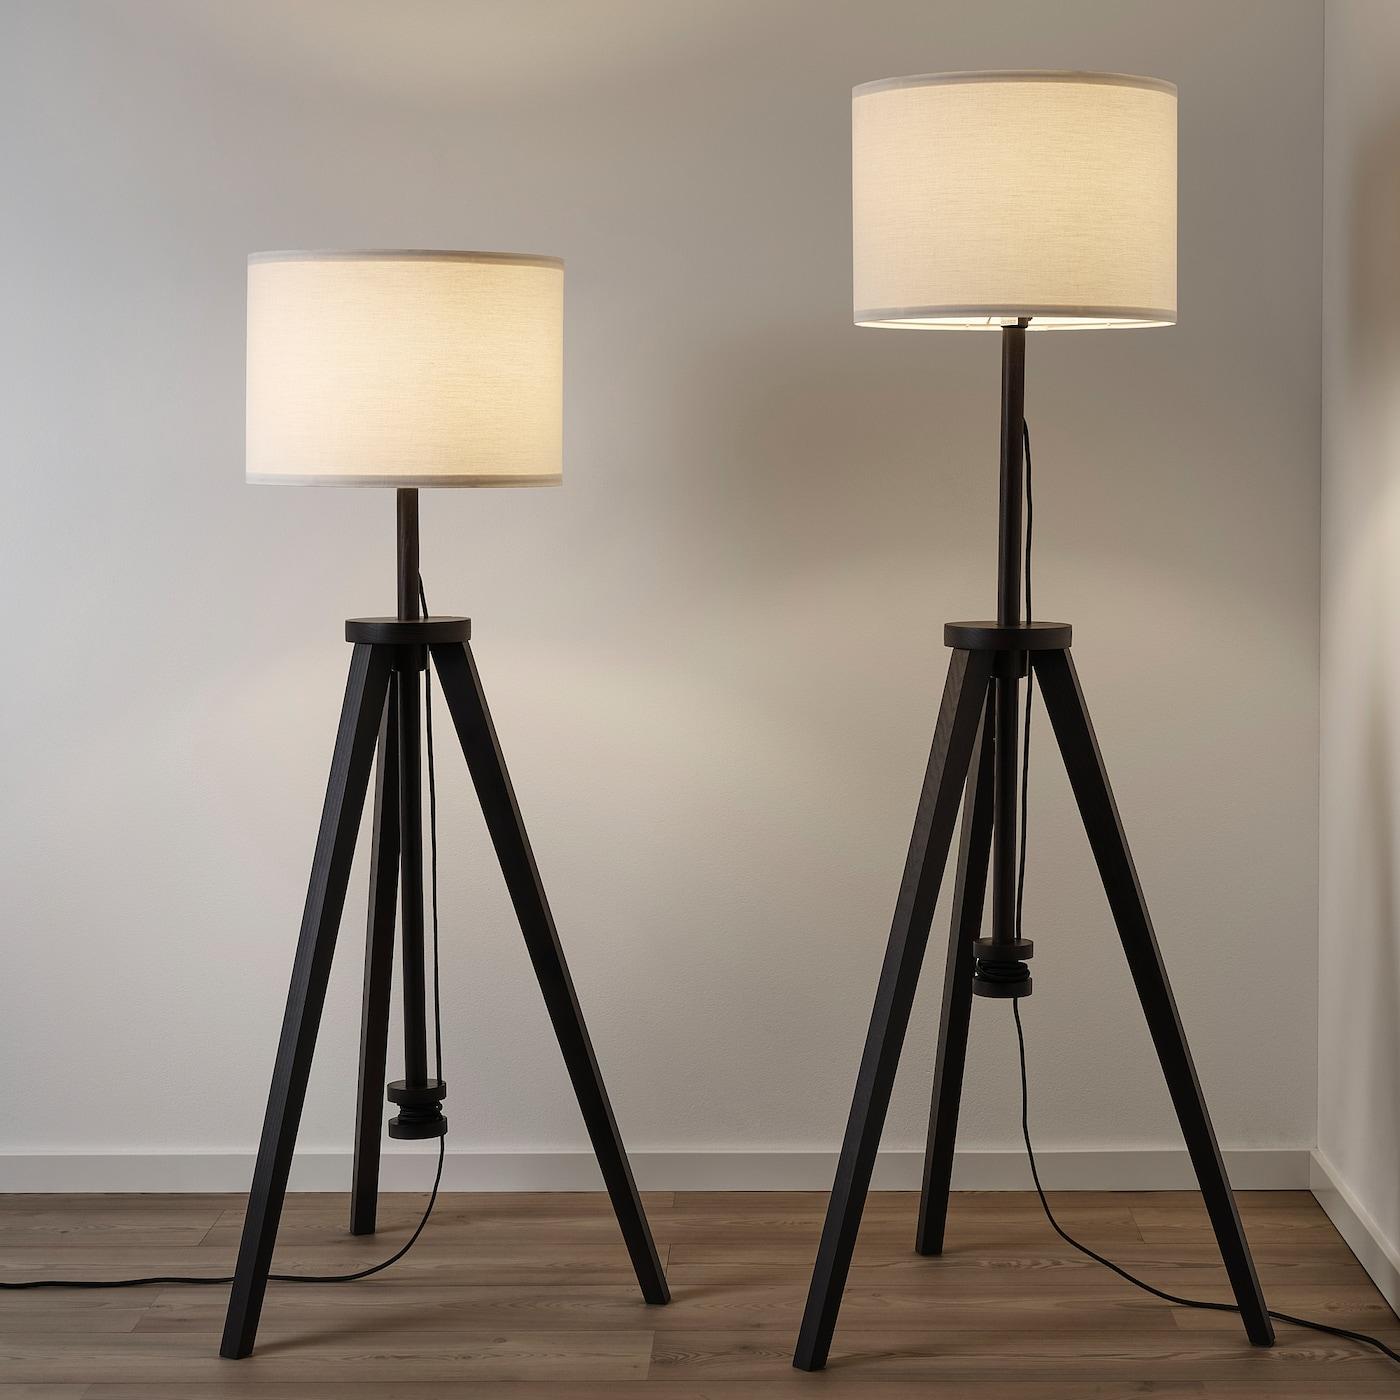 Floor Lamps Kelowna Now Now @house2homegoods.net